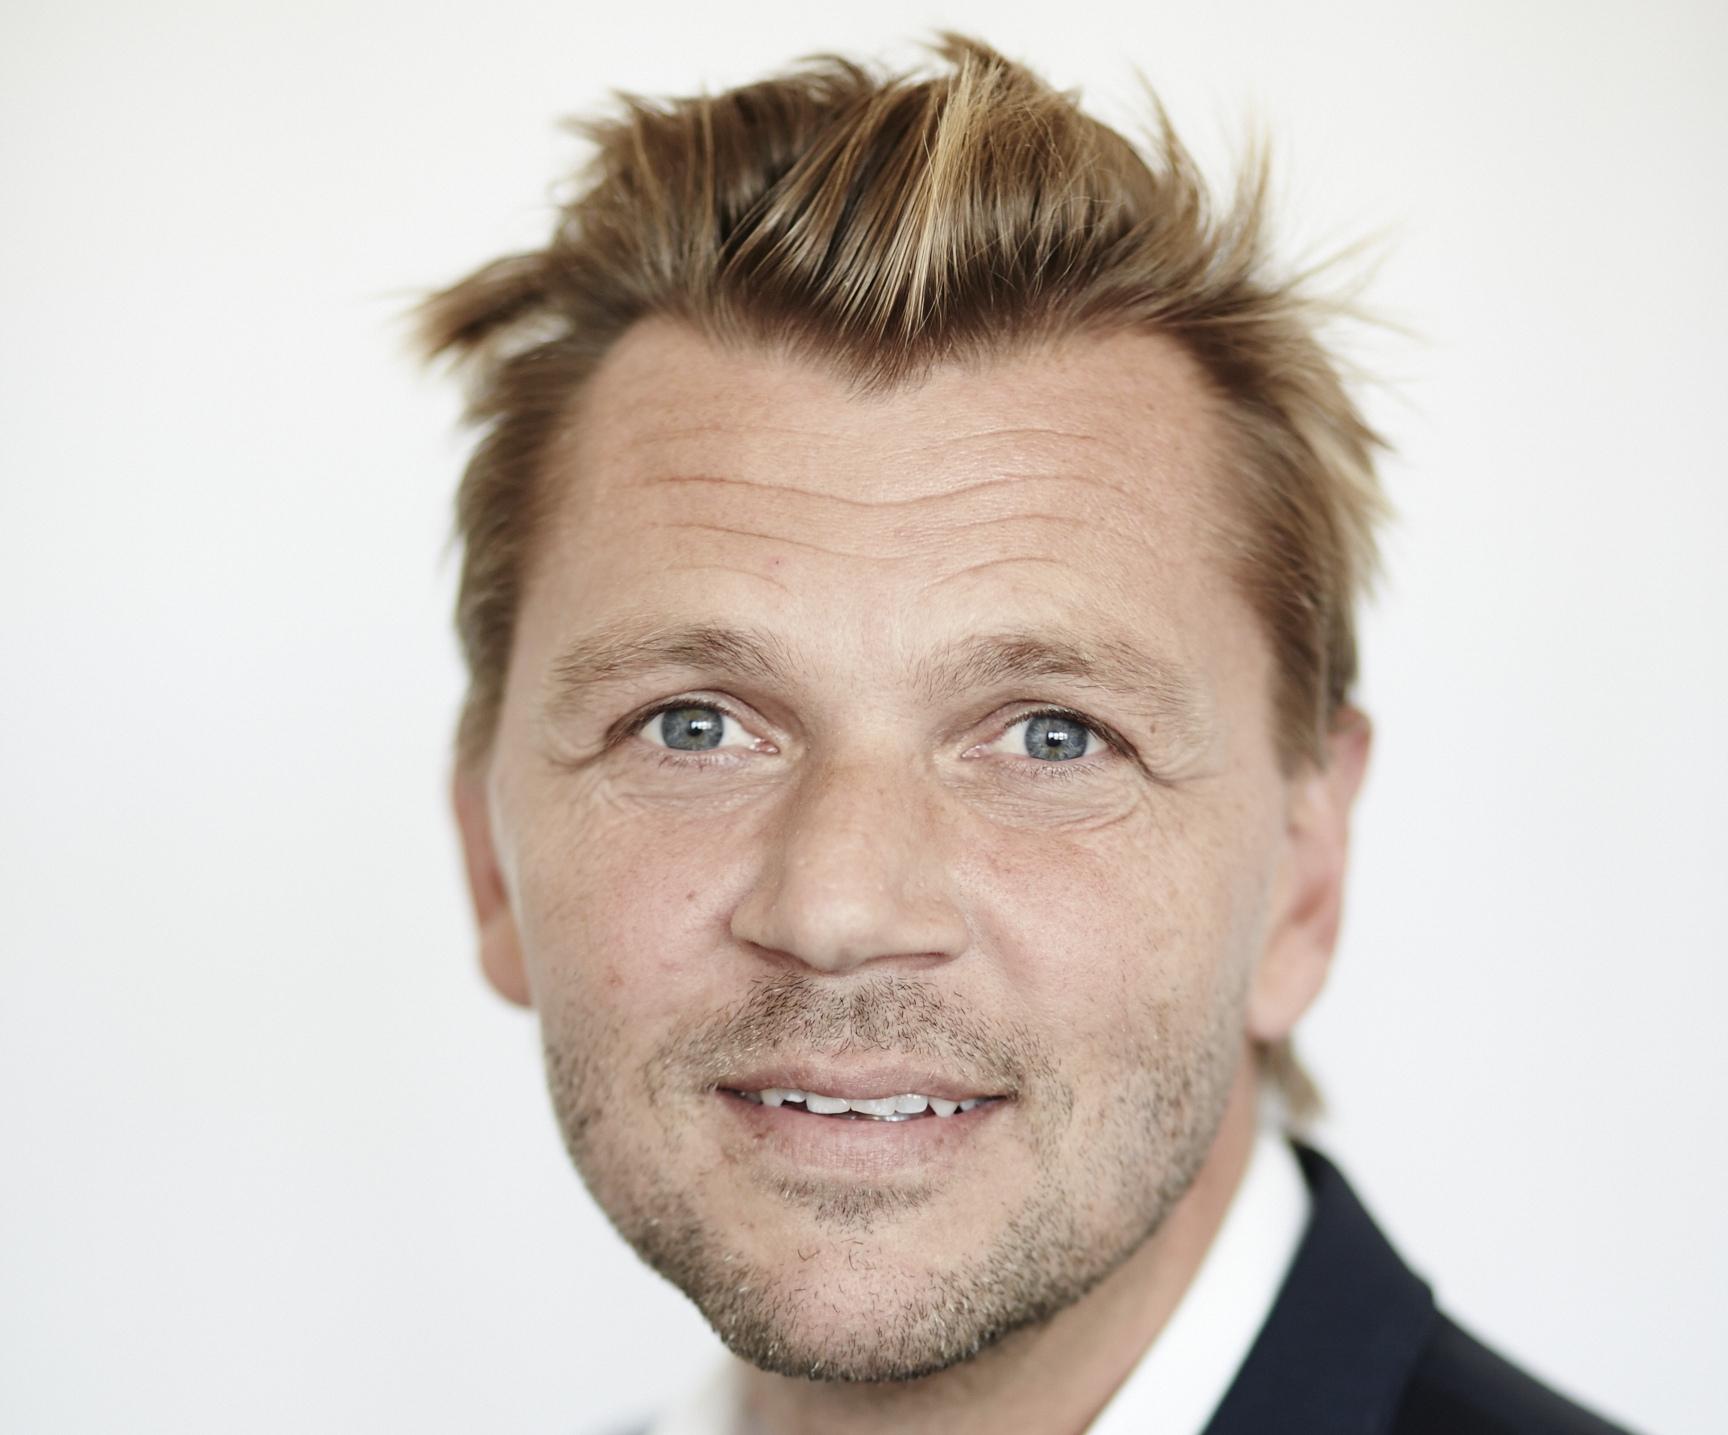 Peter Hansen, forhenværende salgsdirektør for corporate og MICE hos Scandic Hotels i Danmark, skal som konsulent være med til at give det store Comwell-hotel i Aarhus skarpere profil i forbindelse med udvidelsen af hotellet. Arkivfoto.